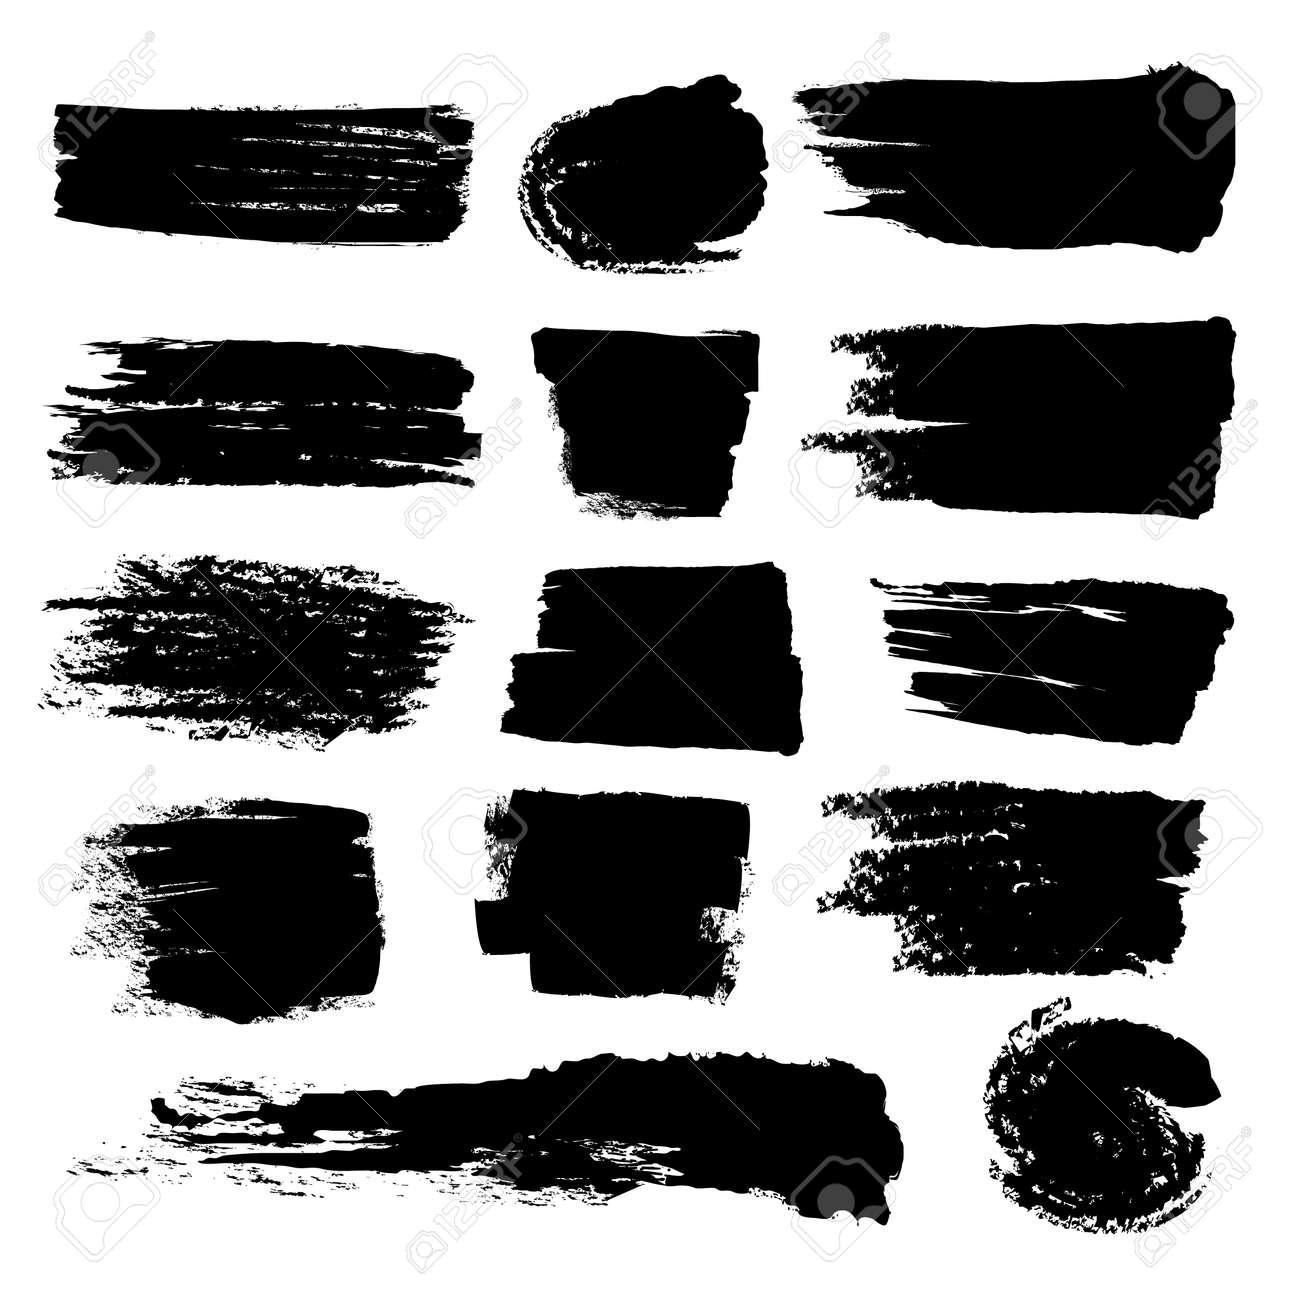 Black paint brush strokes, dirty inked grunge vector art brushes. Creative sketch brush stroke, illustration of brush stain line - 165950466